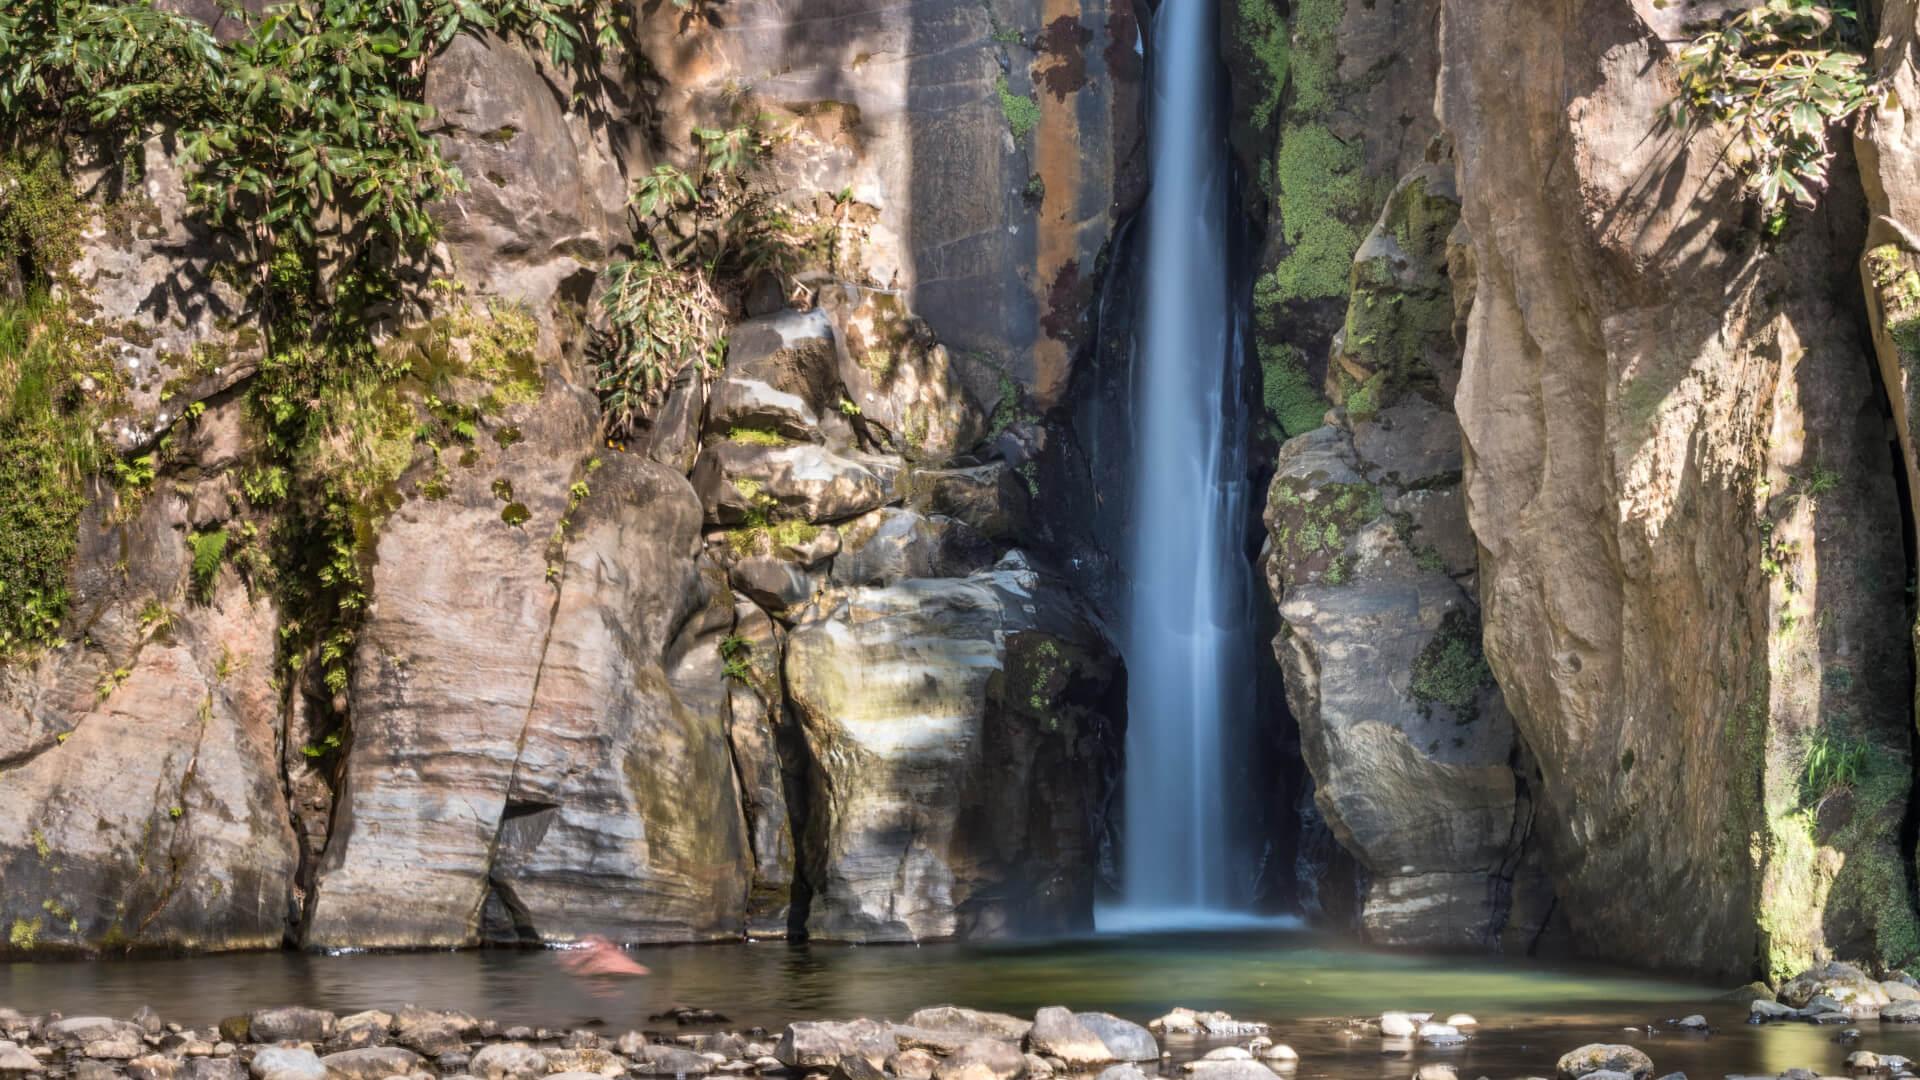 Cascata Salto do Cabrito - São Miguel, Açores